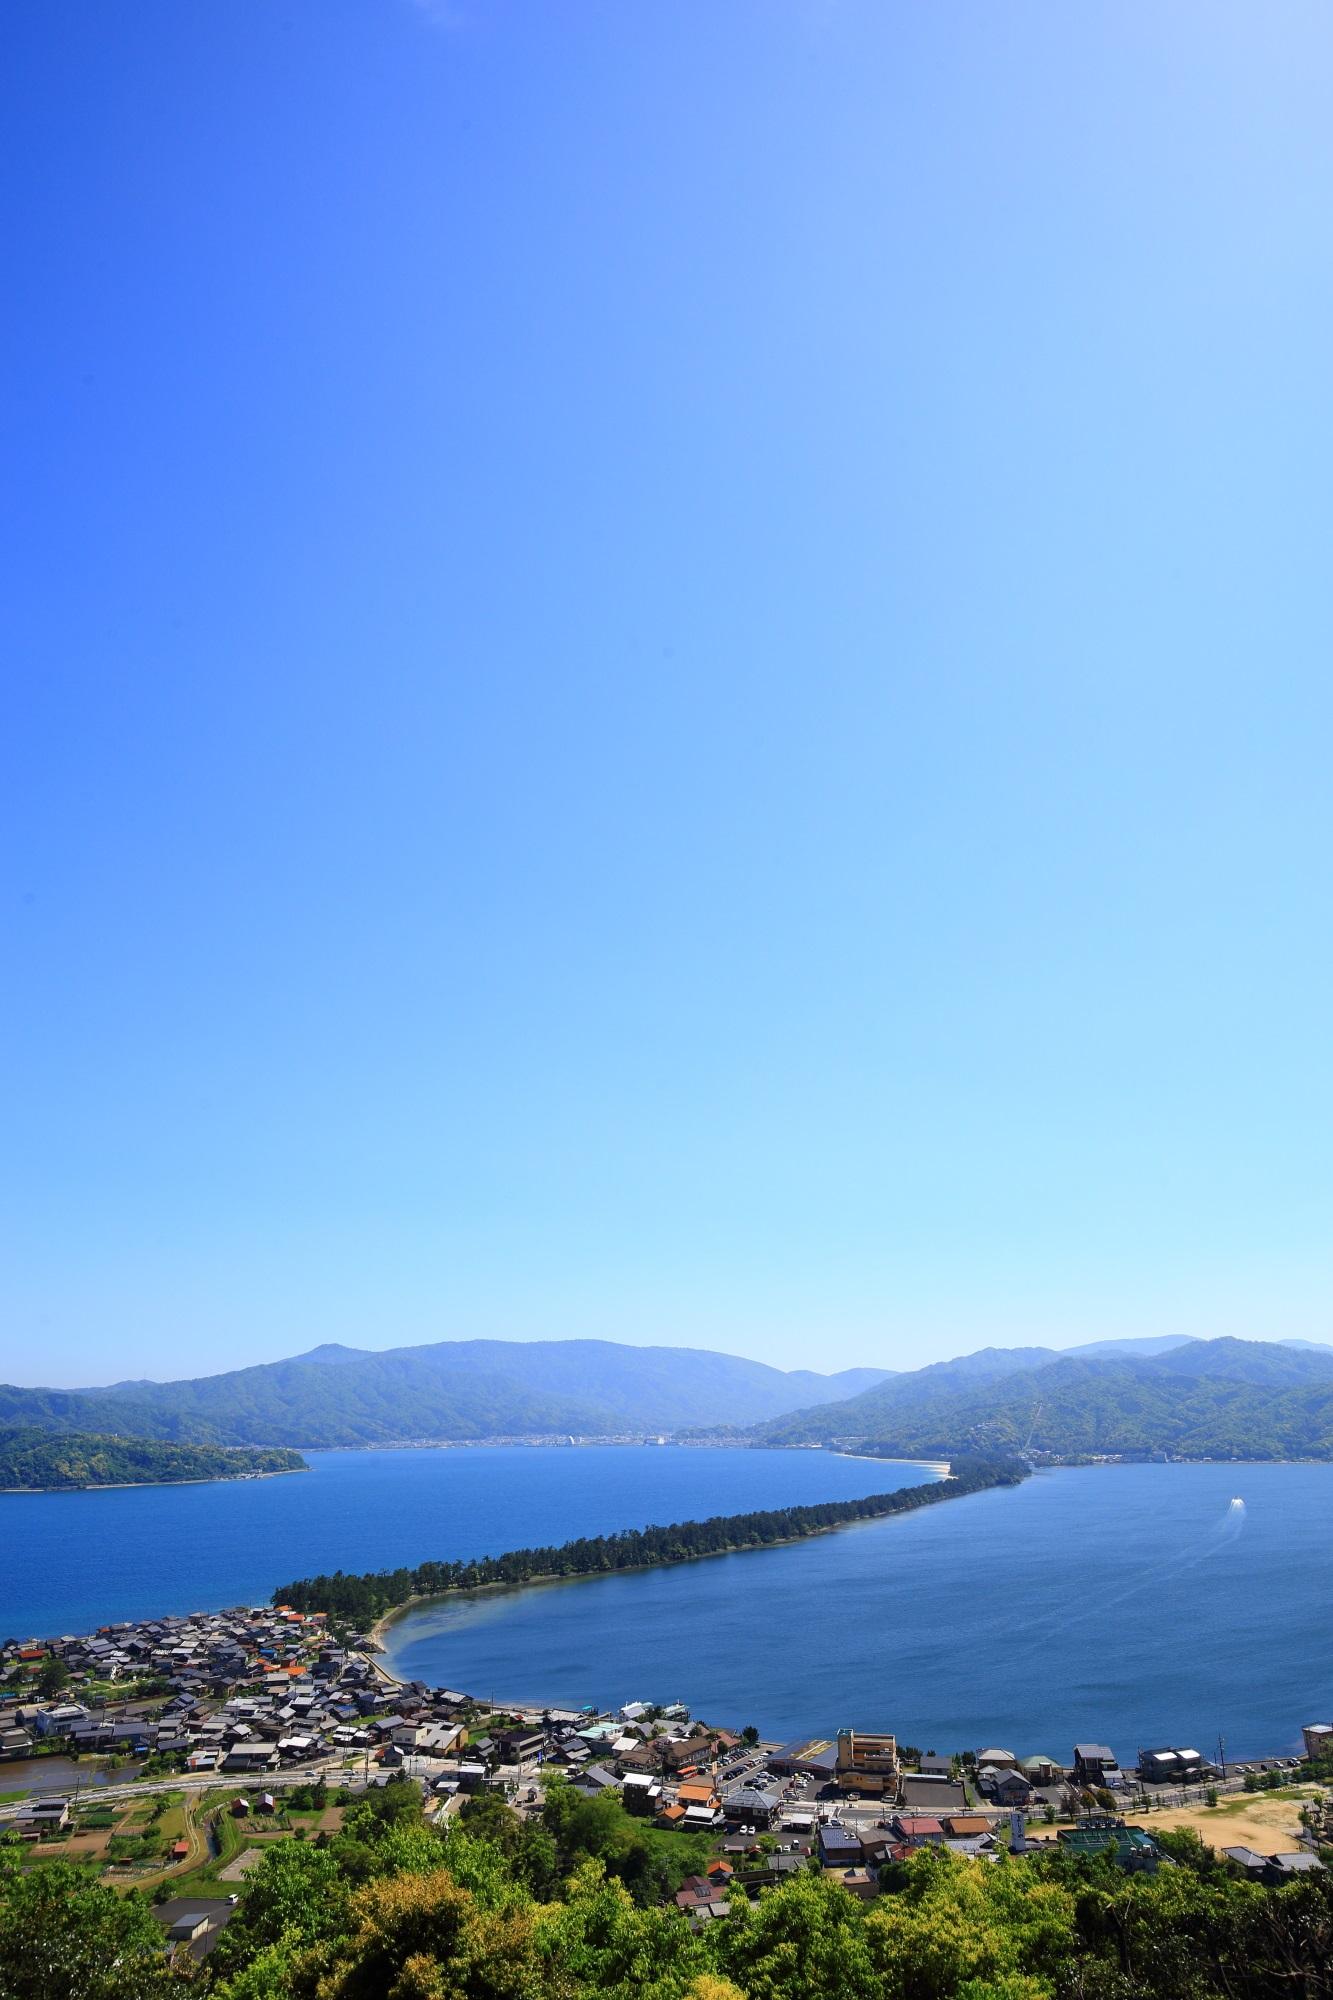 天橋立の素晴らしい昇龍観と海の情景